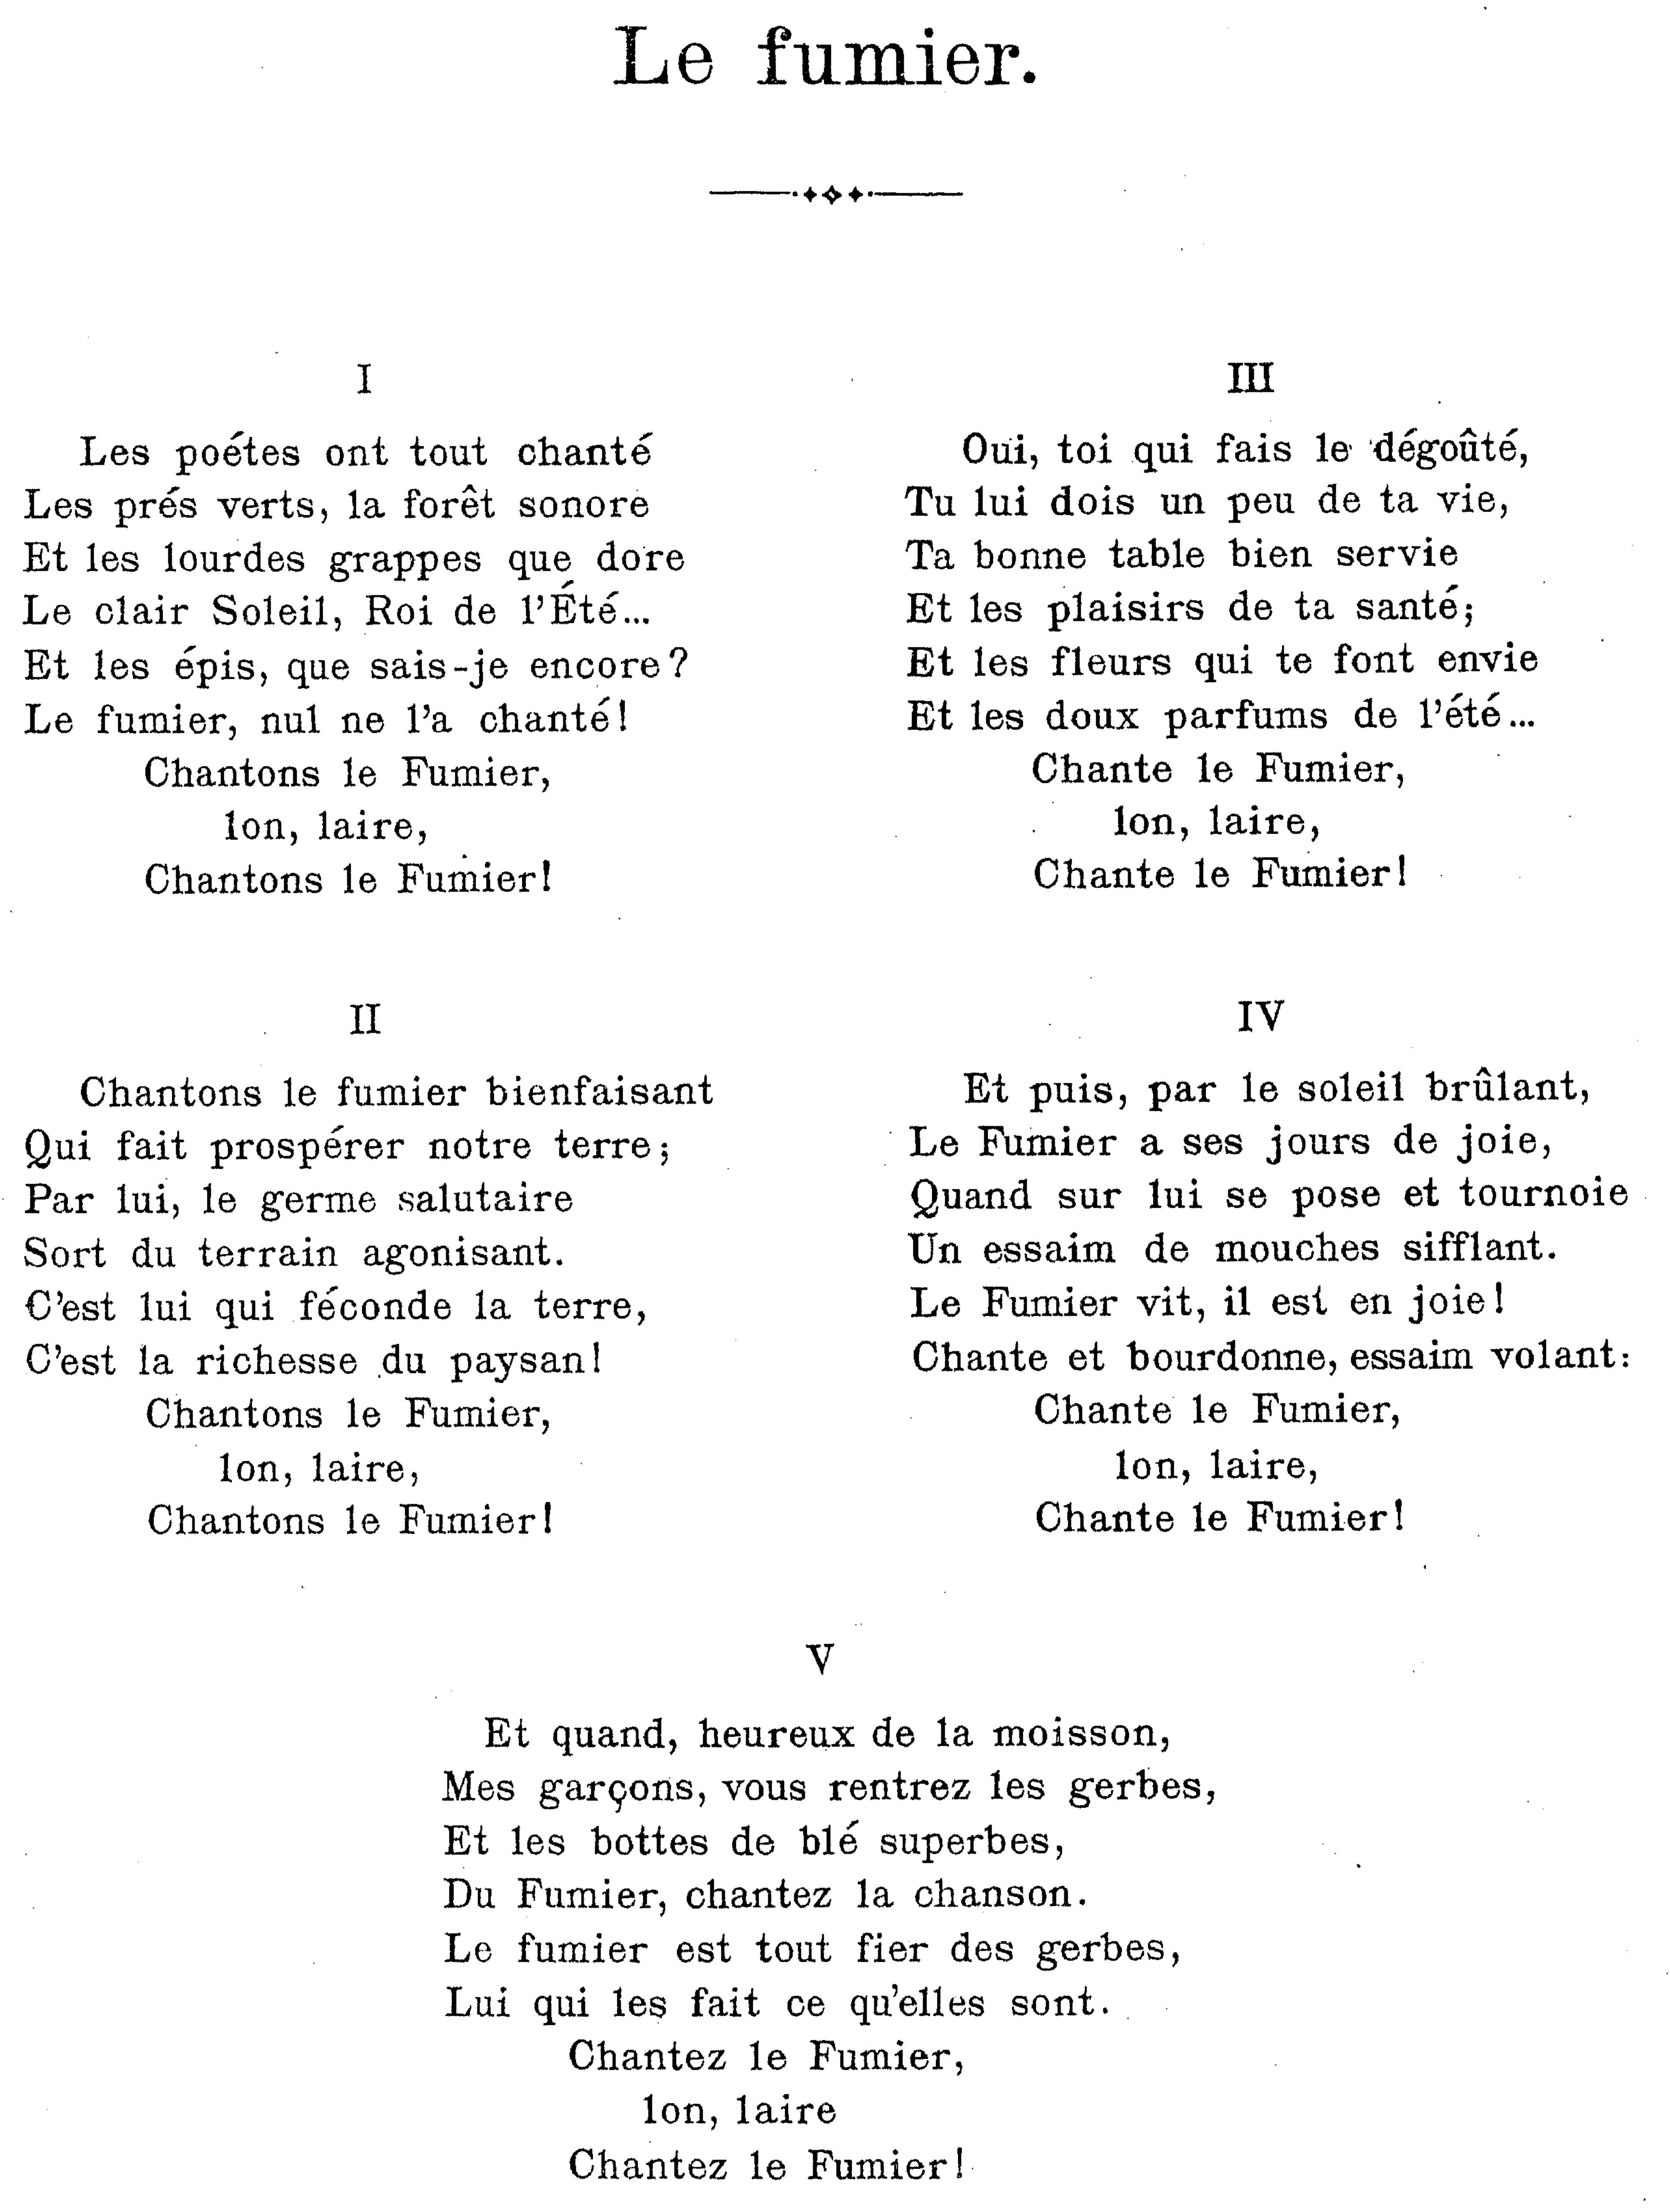 Texte de la chanson Le fumier d'Émile Jaques-Dalcroze